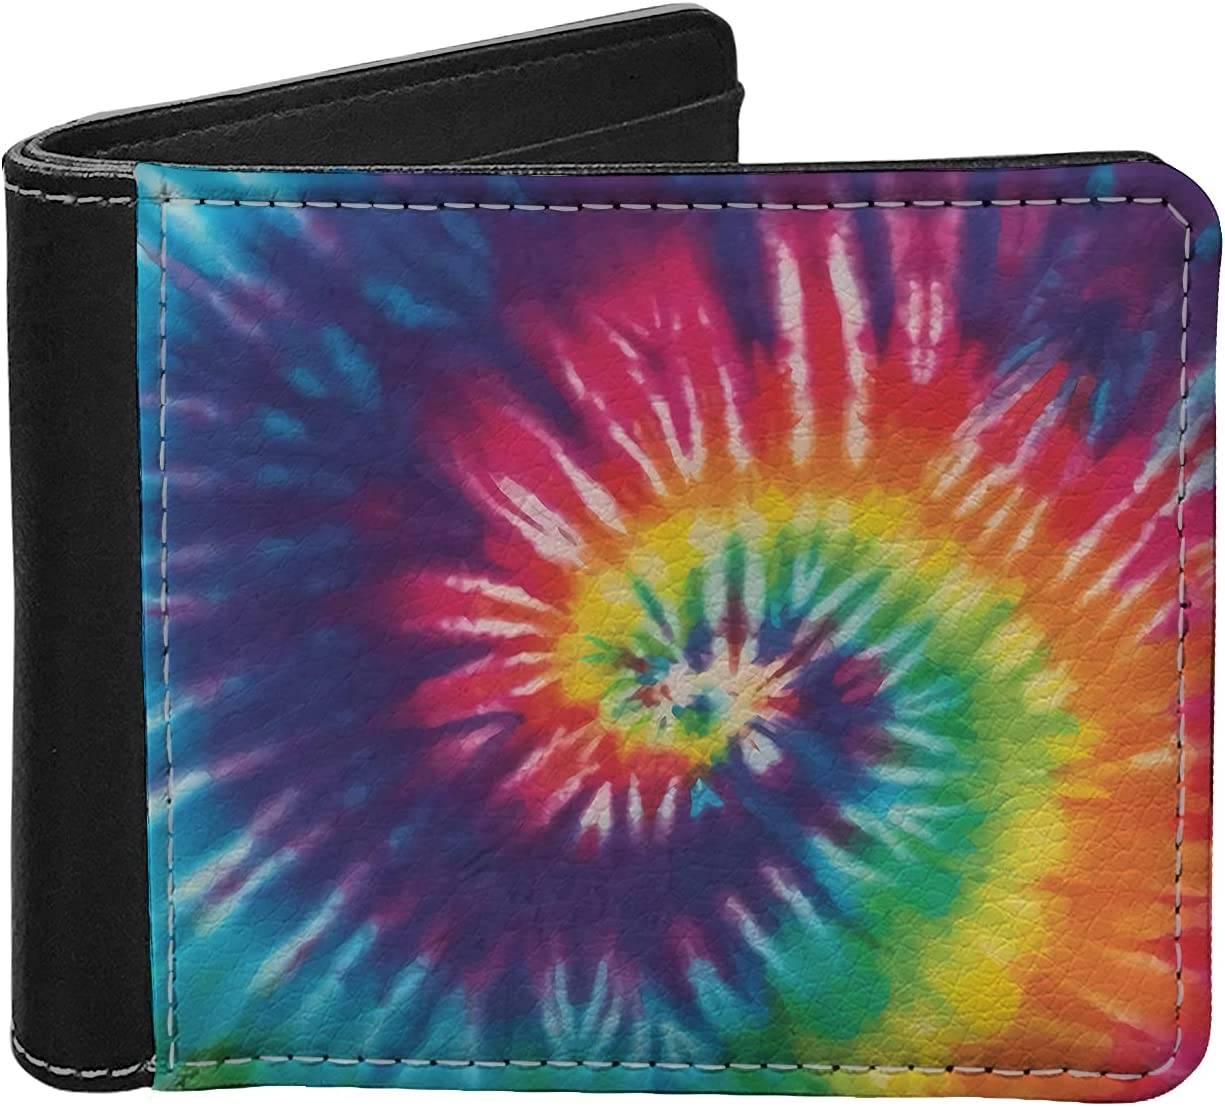 Binienty Rainbow Swirl Tie Dye Design Durable Bifold Wallets for Mens, PU Leather Flipping Wallets Billfold Purse